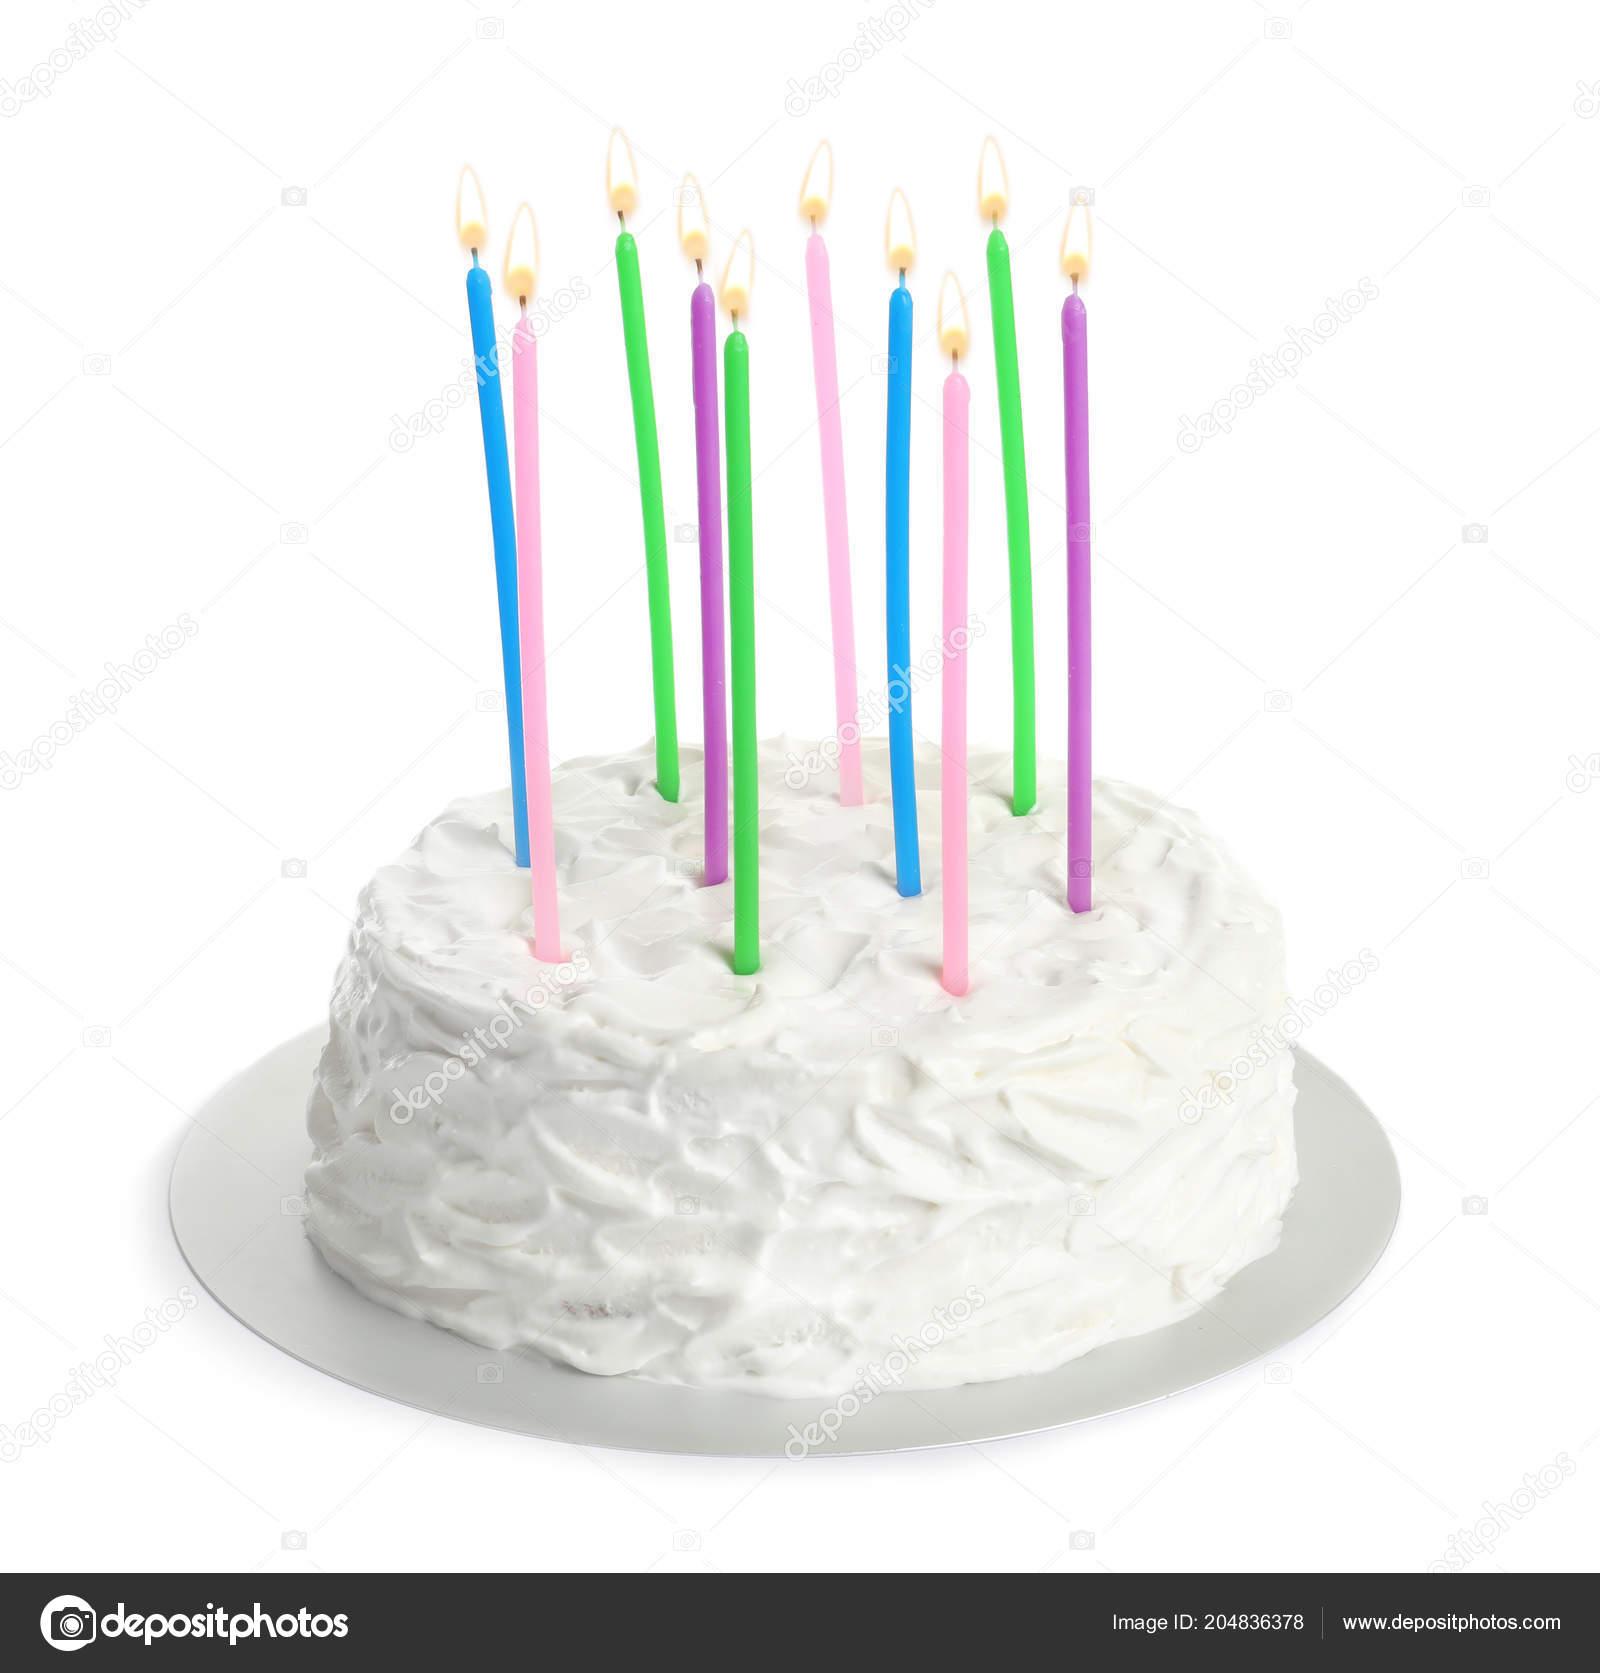 Fabulous Birthday Cake Candles White Background Stock Photo Personalised Birthday Cards Beptaeletsinfo